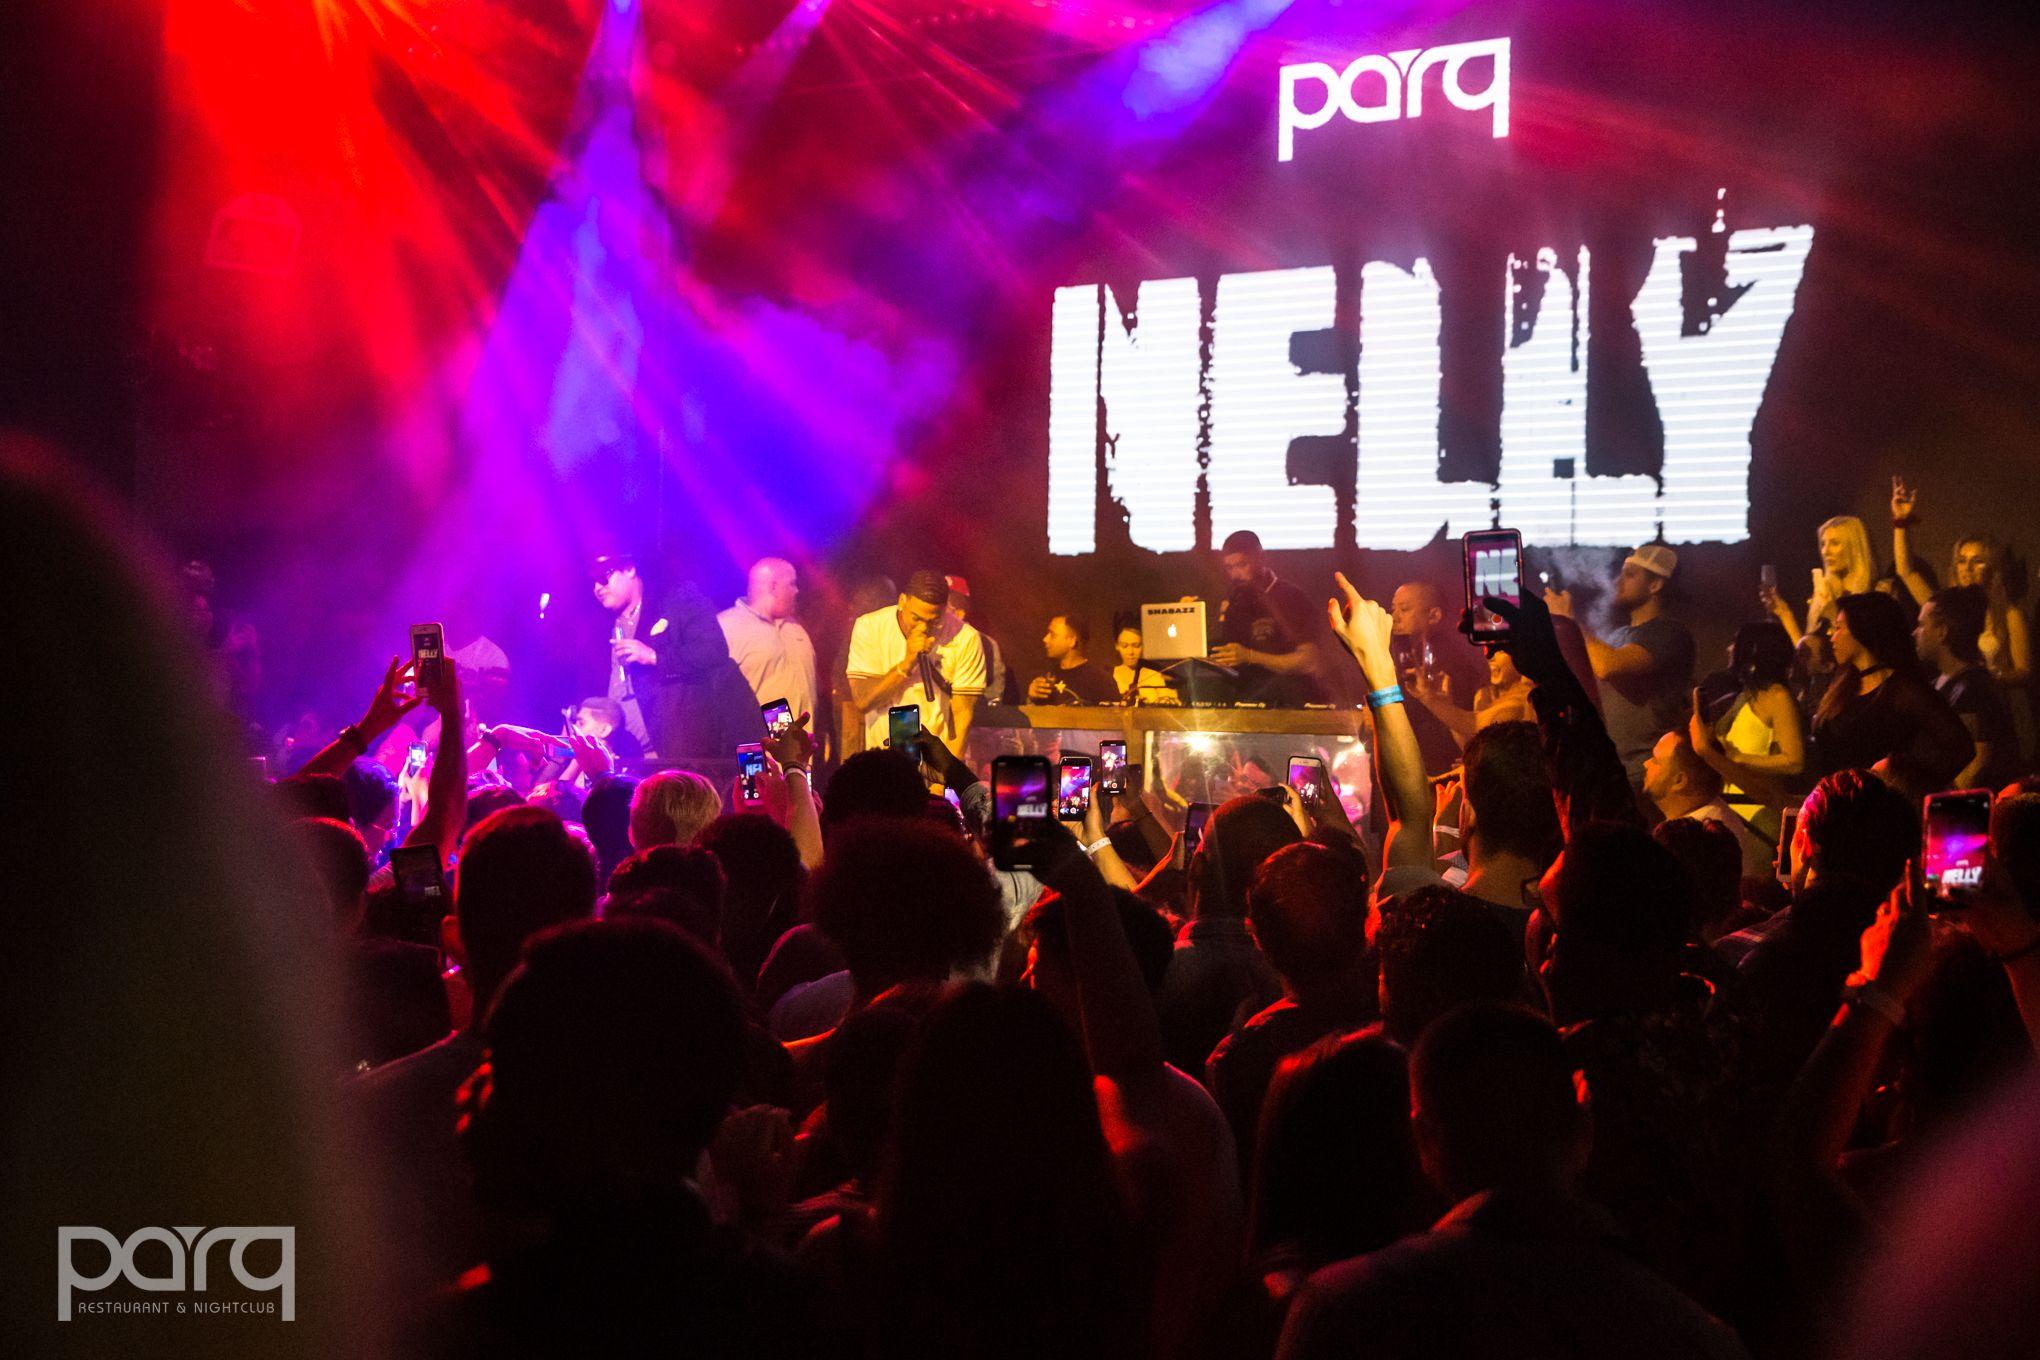 09.01.19 Parq - Nelly-19.jpg